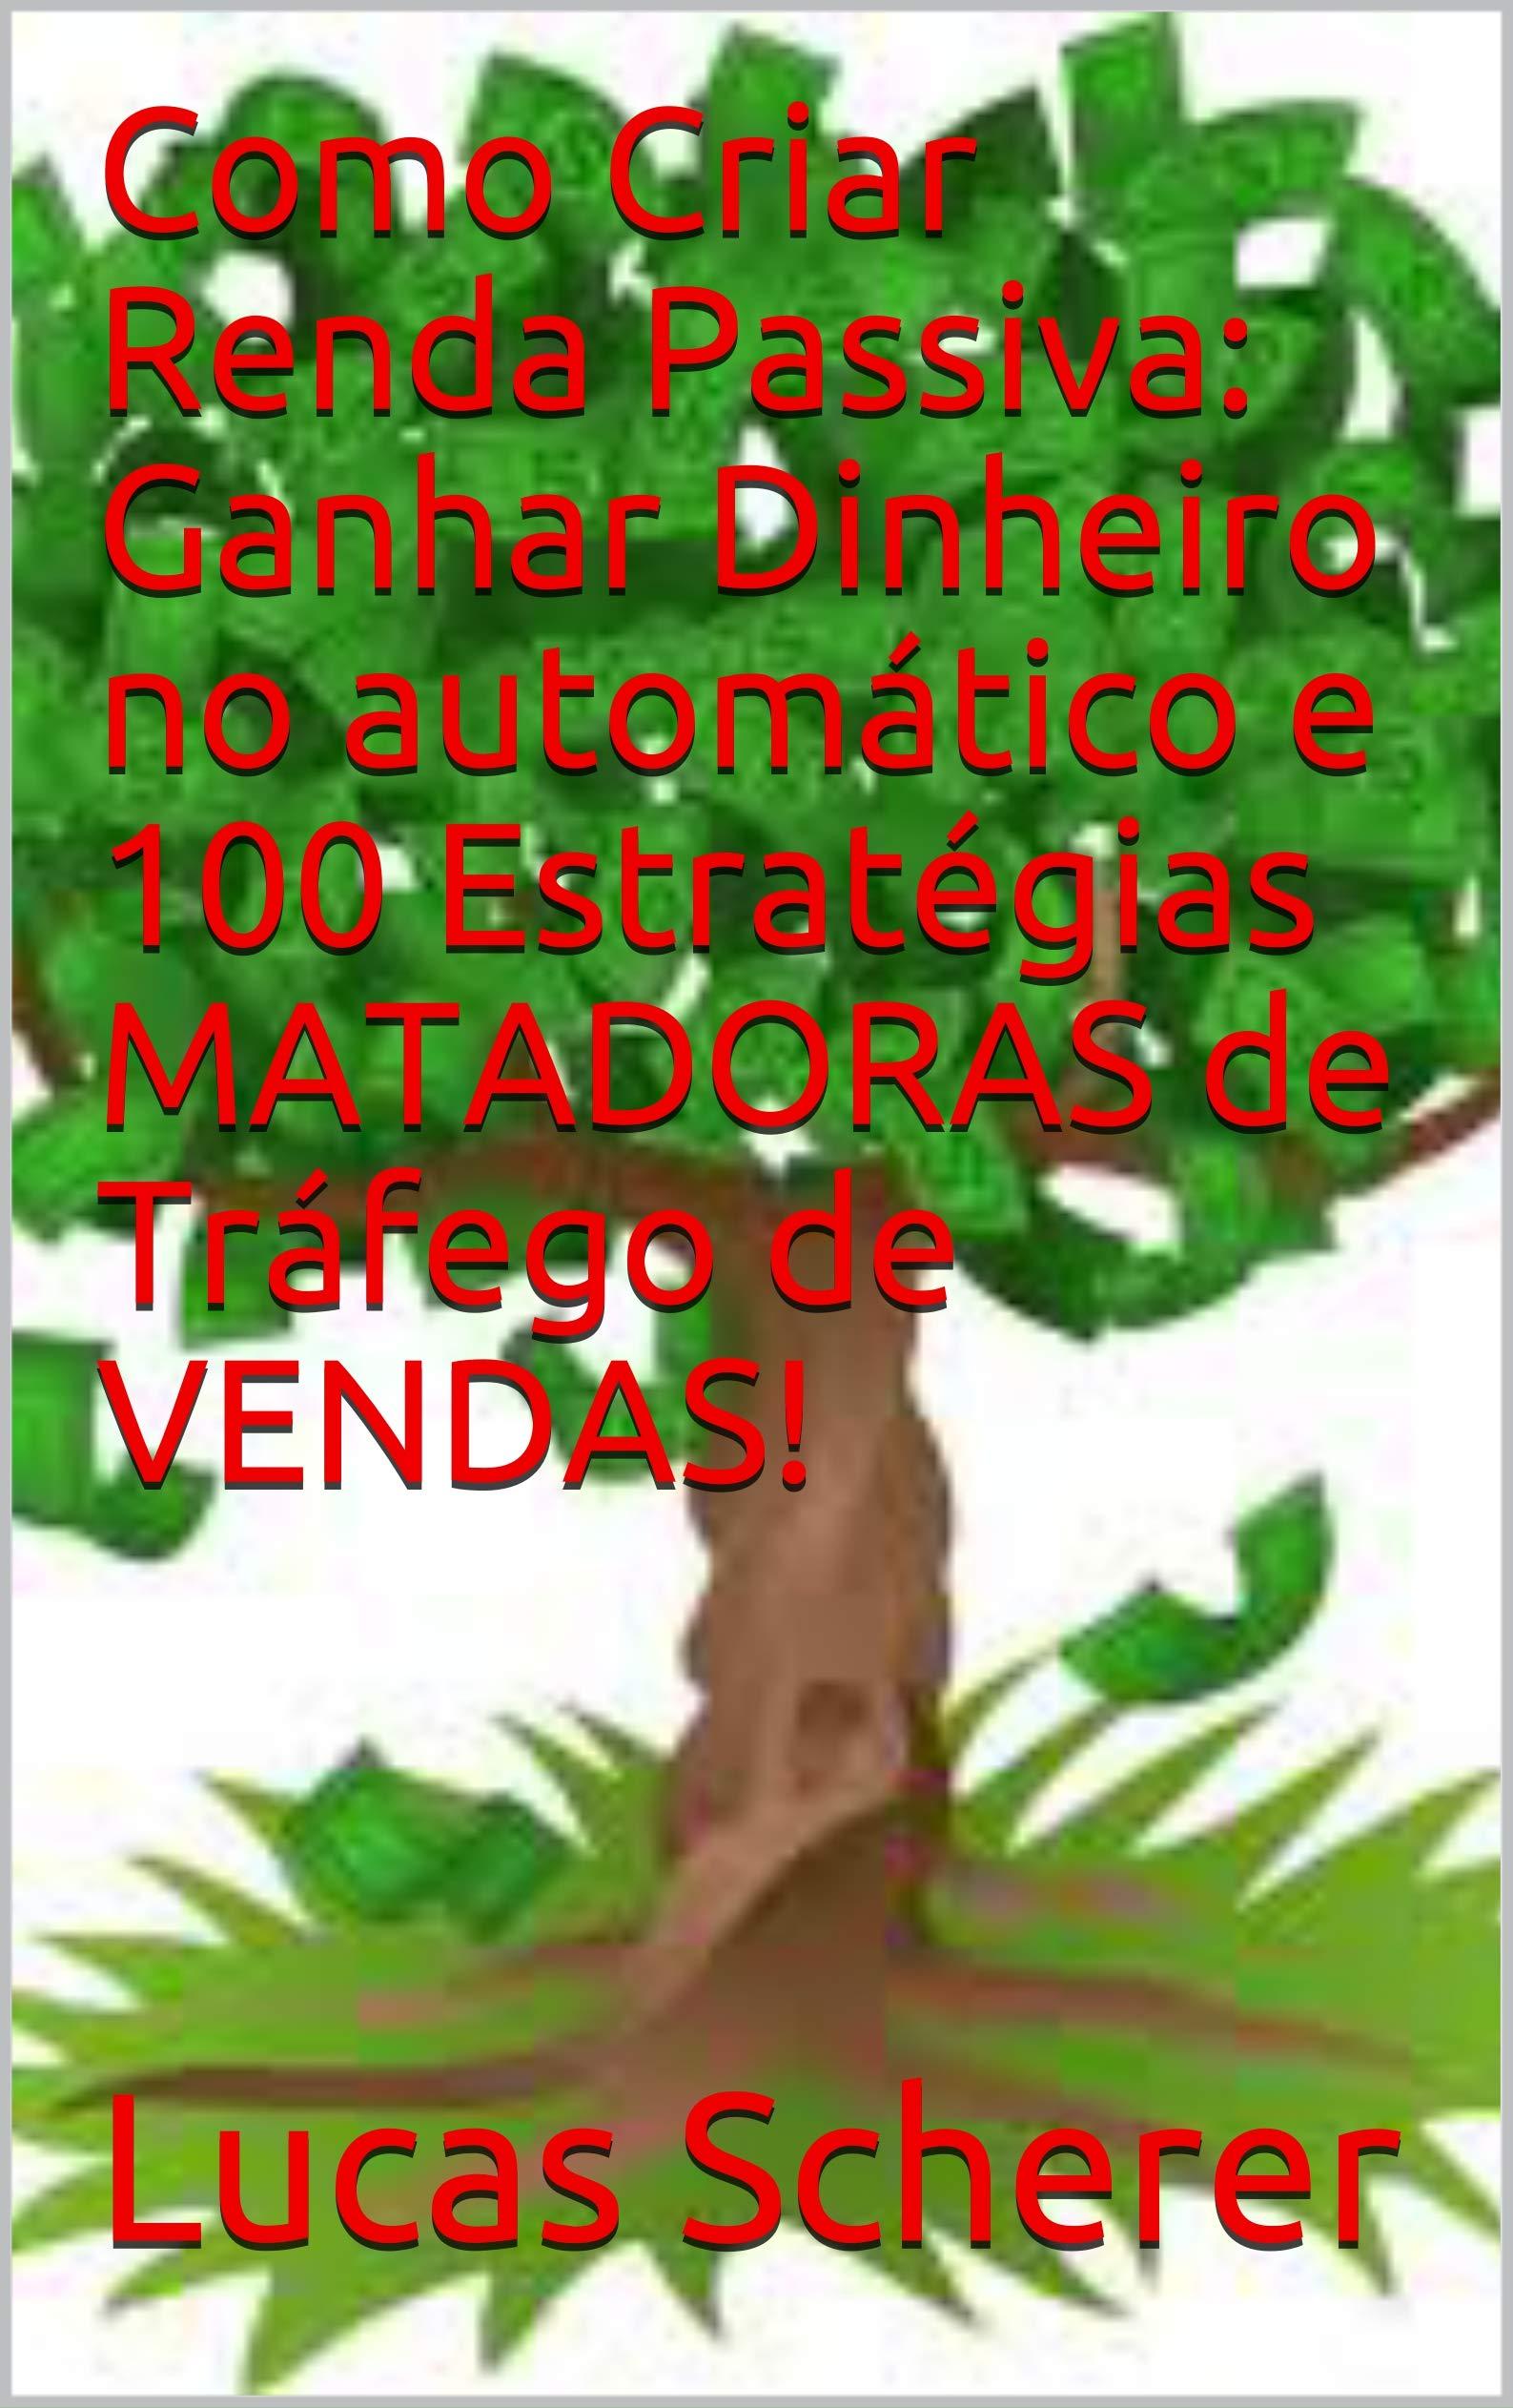 Como Criar Renda Passiva: Ganhar Dinheiro no automático e 100 Estratégias MATADORAS de Tráfego de VENDAS! (Portuguese Edition)